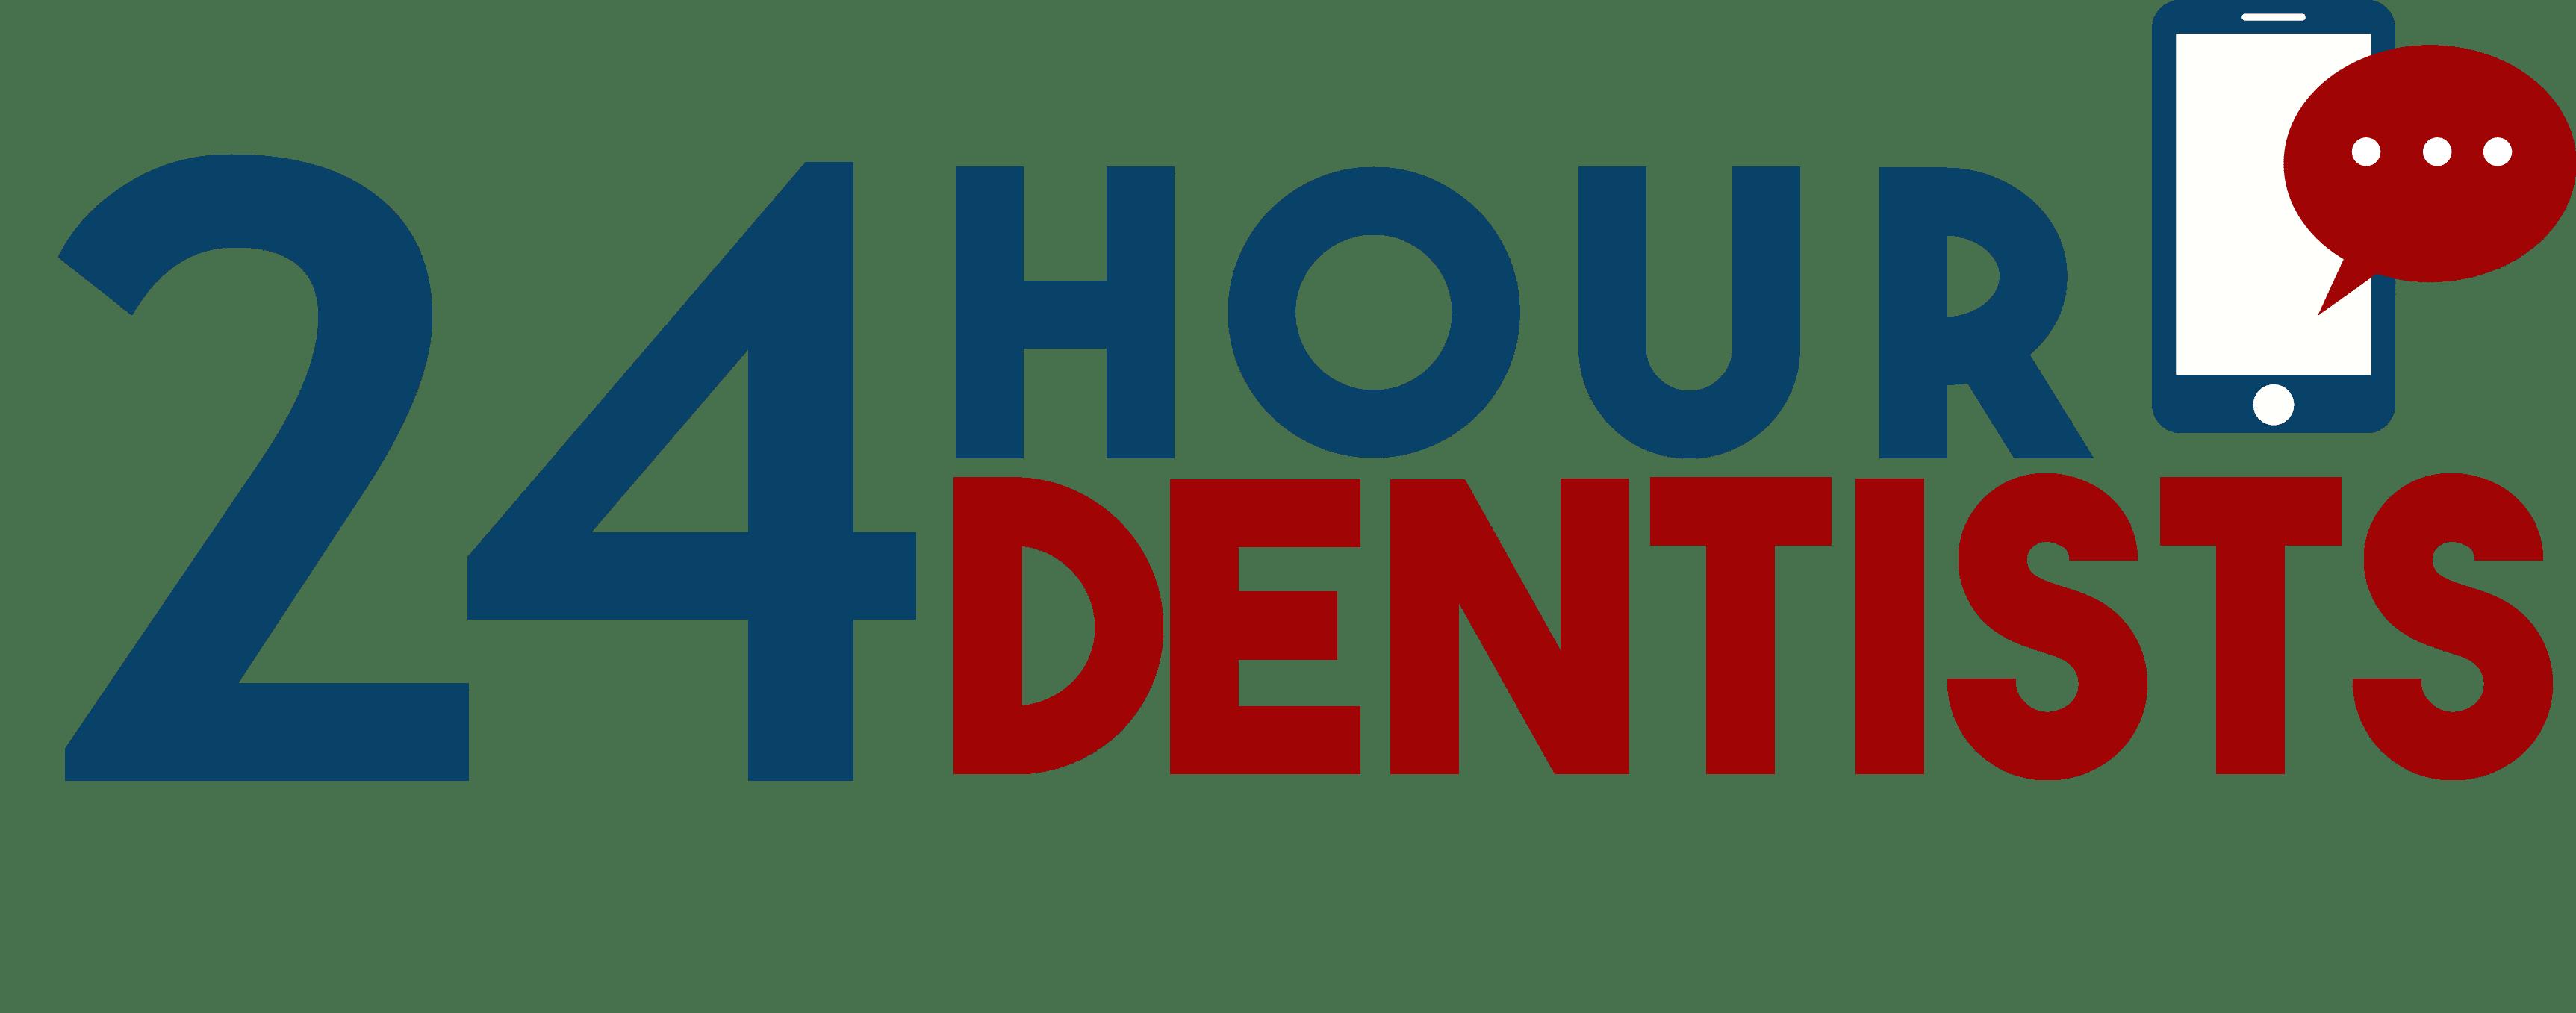 24 Hour Dentists logo